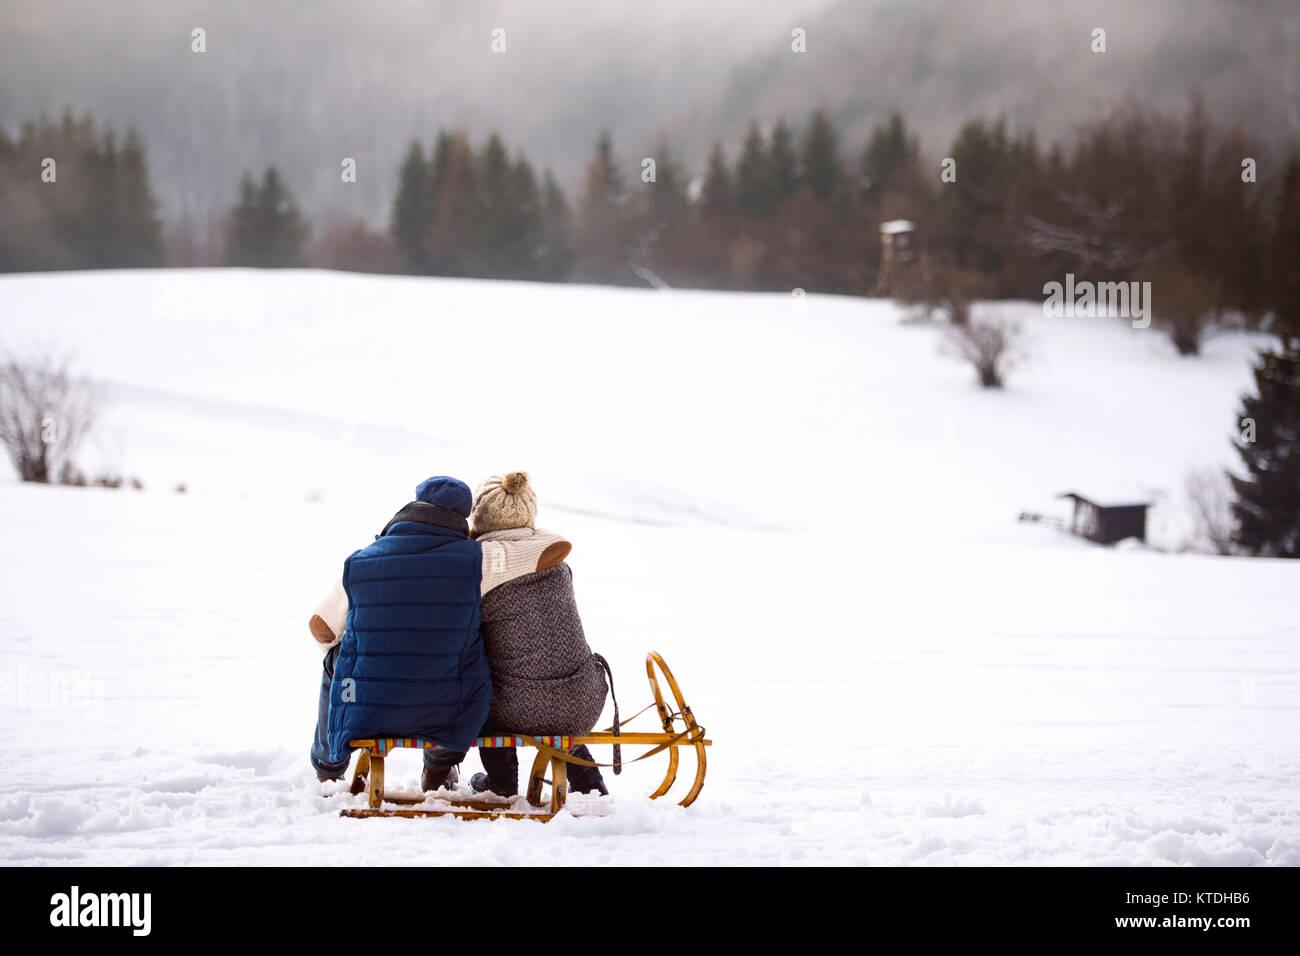 Vista posteriore della coppia senior seduti fianco a fianco su slitta nel paesaggio innevato Immagini Stock